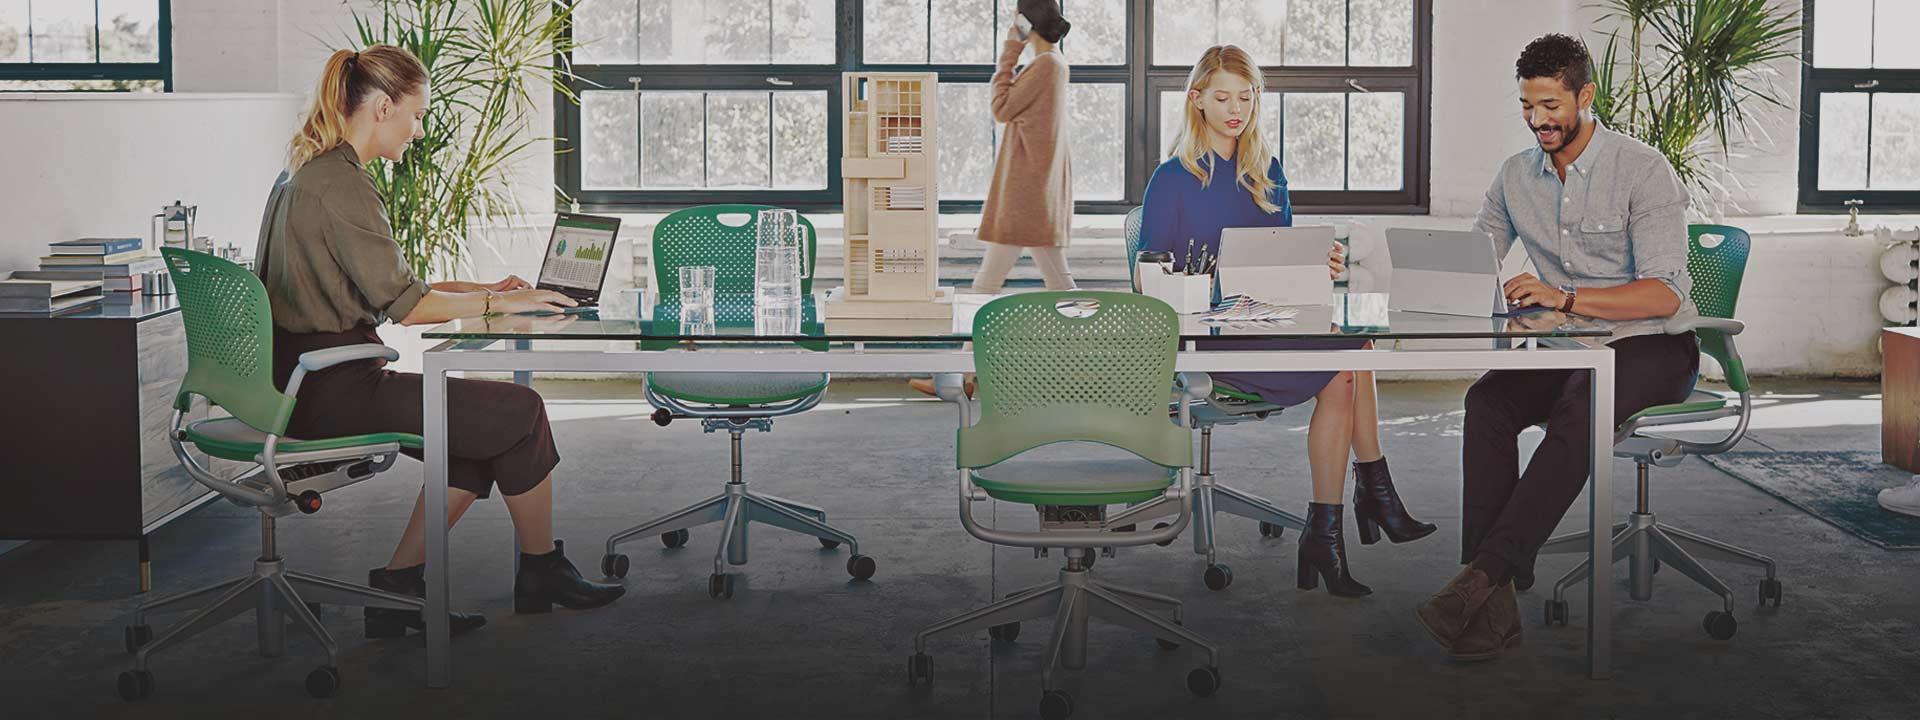 Oameni muncind, aflați mai multe despre Office 365